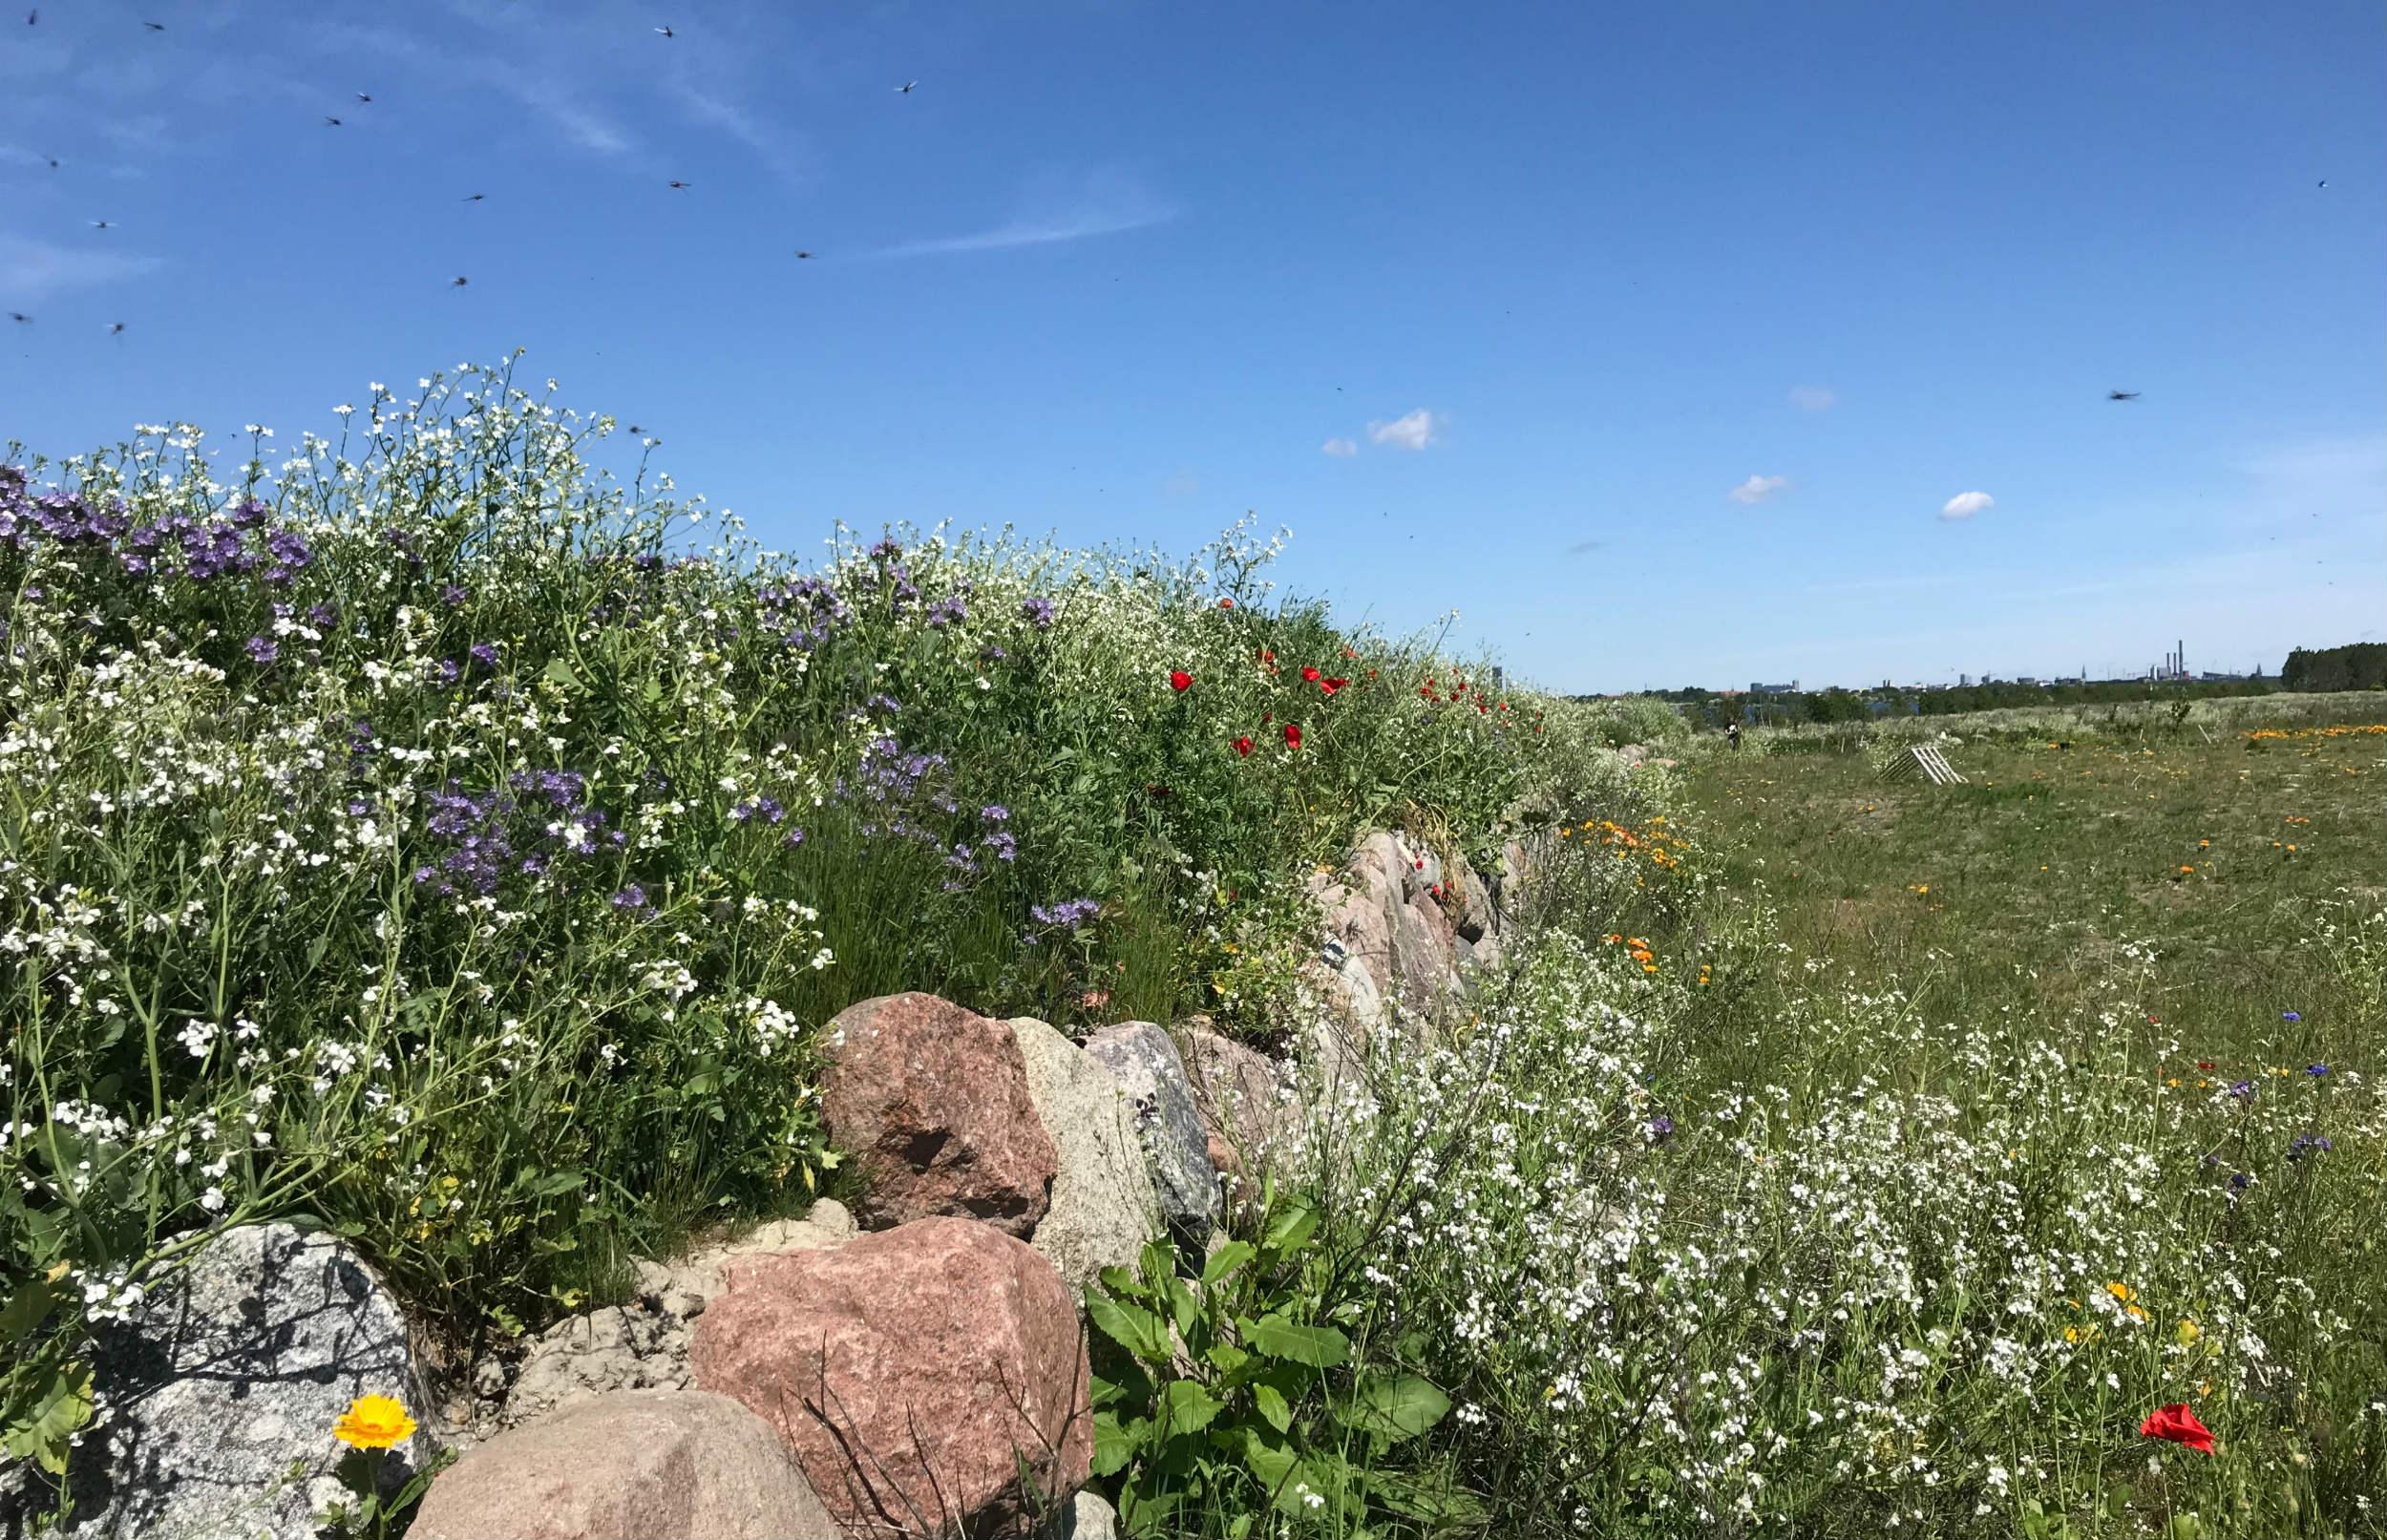 Nyt ambitiøst partnerskab skal styrke biodiversiteten i København